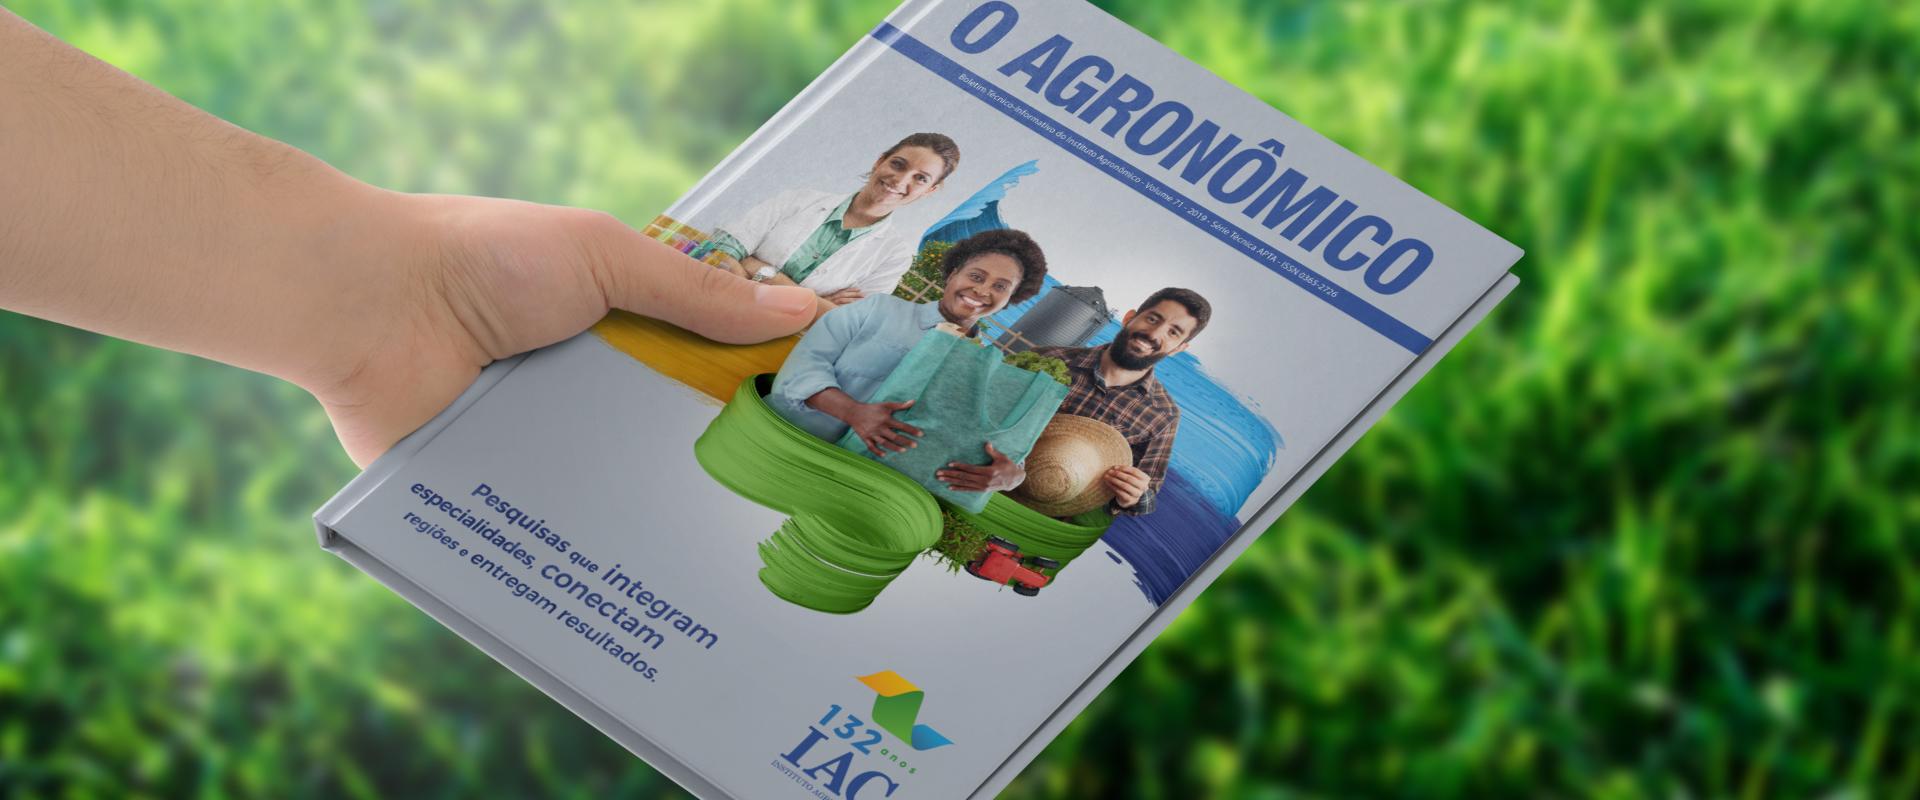 10ª campanha de aniversário do IAC celebra os 132 anos da instituição